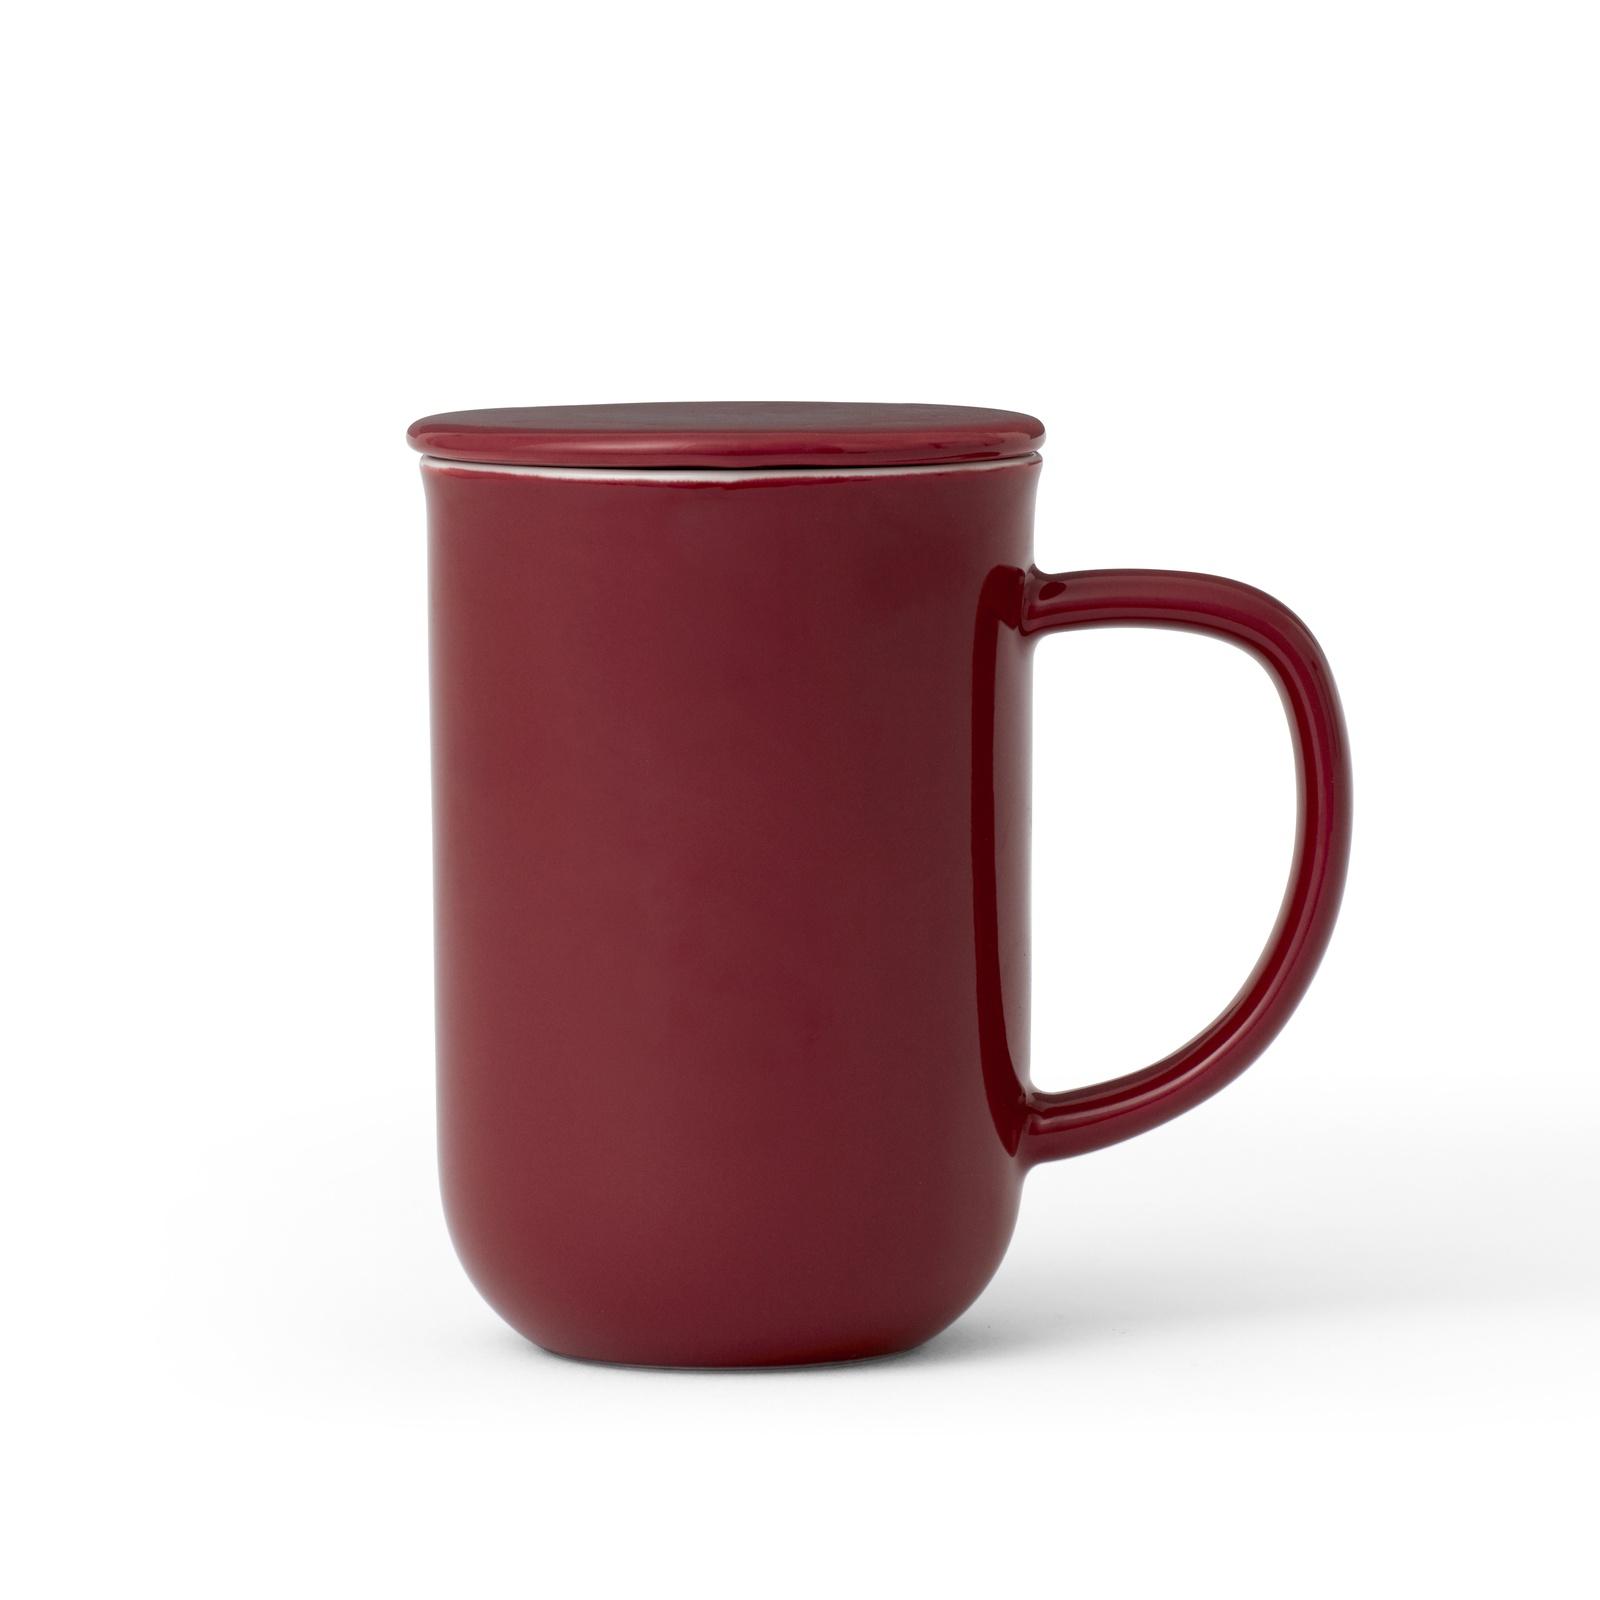 Чайная кружка с ситечком Viva scandinavia Minima, V77540, 500 мл, бордовый